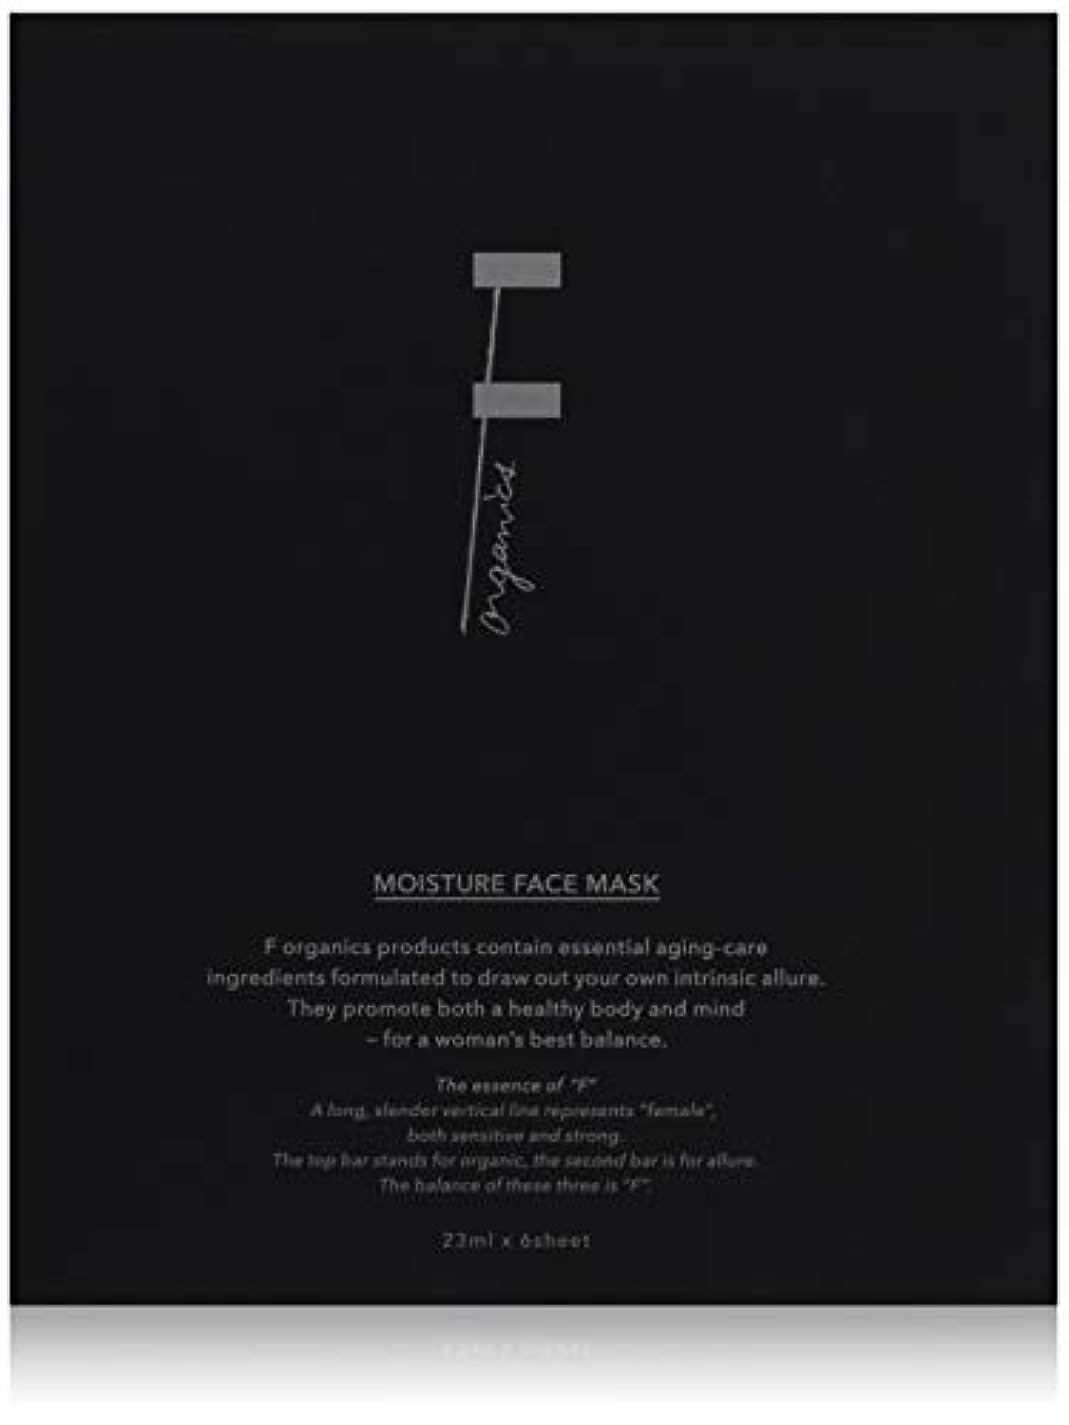 と組む襟行F organics(エッフェオーガニック) モイスチャーフェイスマスク(23mL×6枚入)